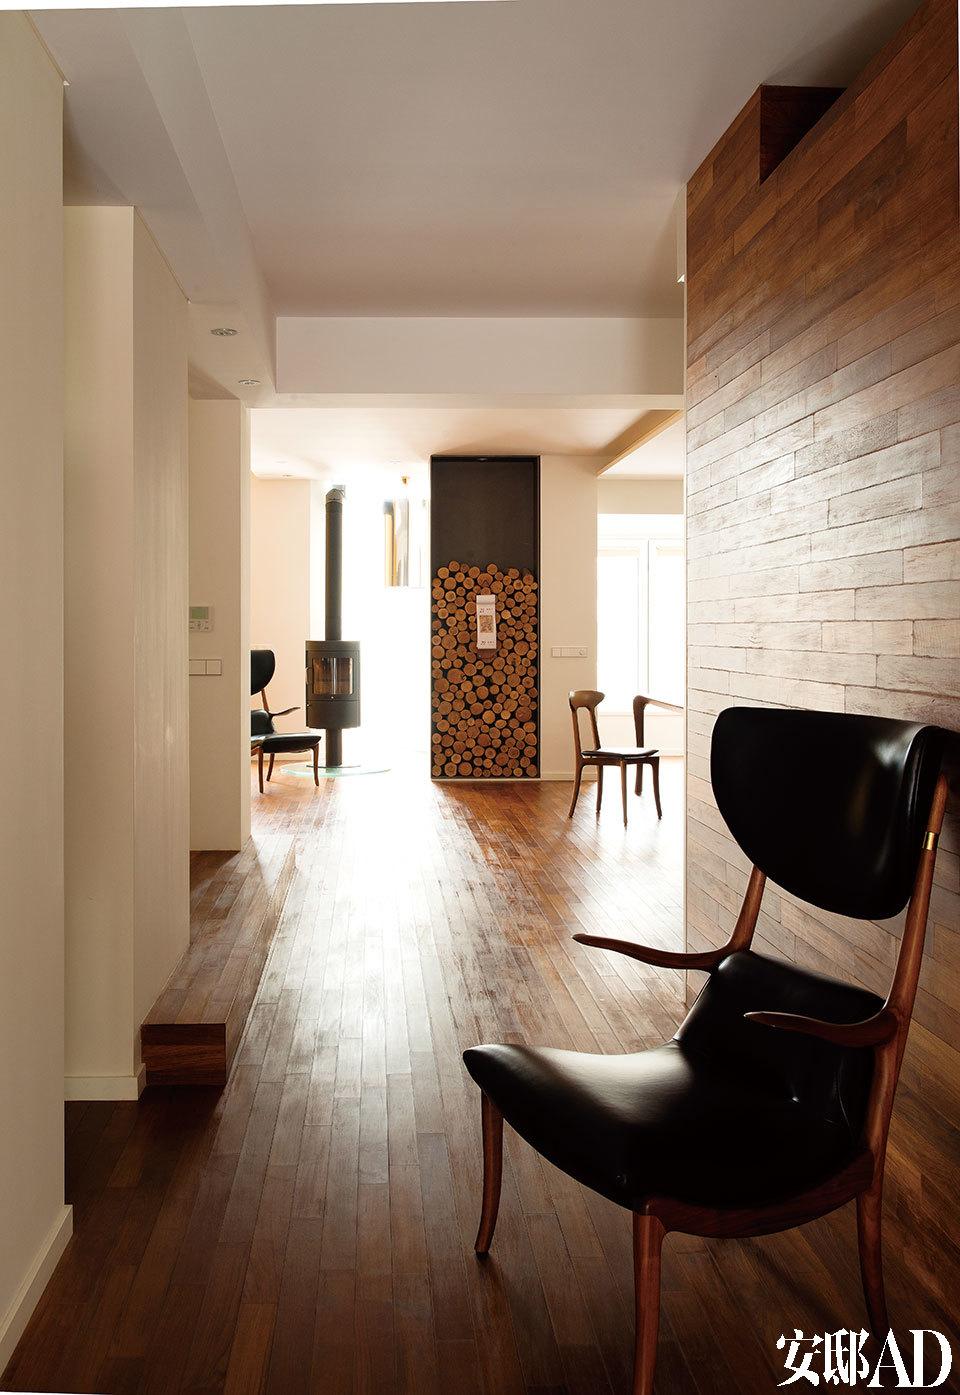 """家中的扶手椅形态纤巧曼妙且非常轻便,可以随意挪动到任何需要它们的地方。近处这把椅子的背后是厨房,地板的木料同样延伸到了这面墙上,让整个空间显得非常统一而现代感十足。远处的HWAM壁炉造型简单而实用性强,它现在已经是陈俊华的最爱。""""每当屋外下起雪,父亲就拾了柴禾燃起壁炉,一家人温暖地坐在沙发上看着红红的火焰,这种感觉总会勾起我的童年回忆。"""""""